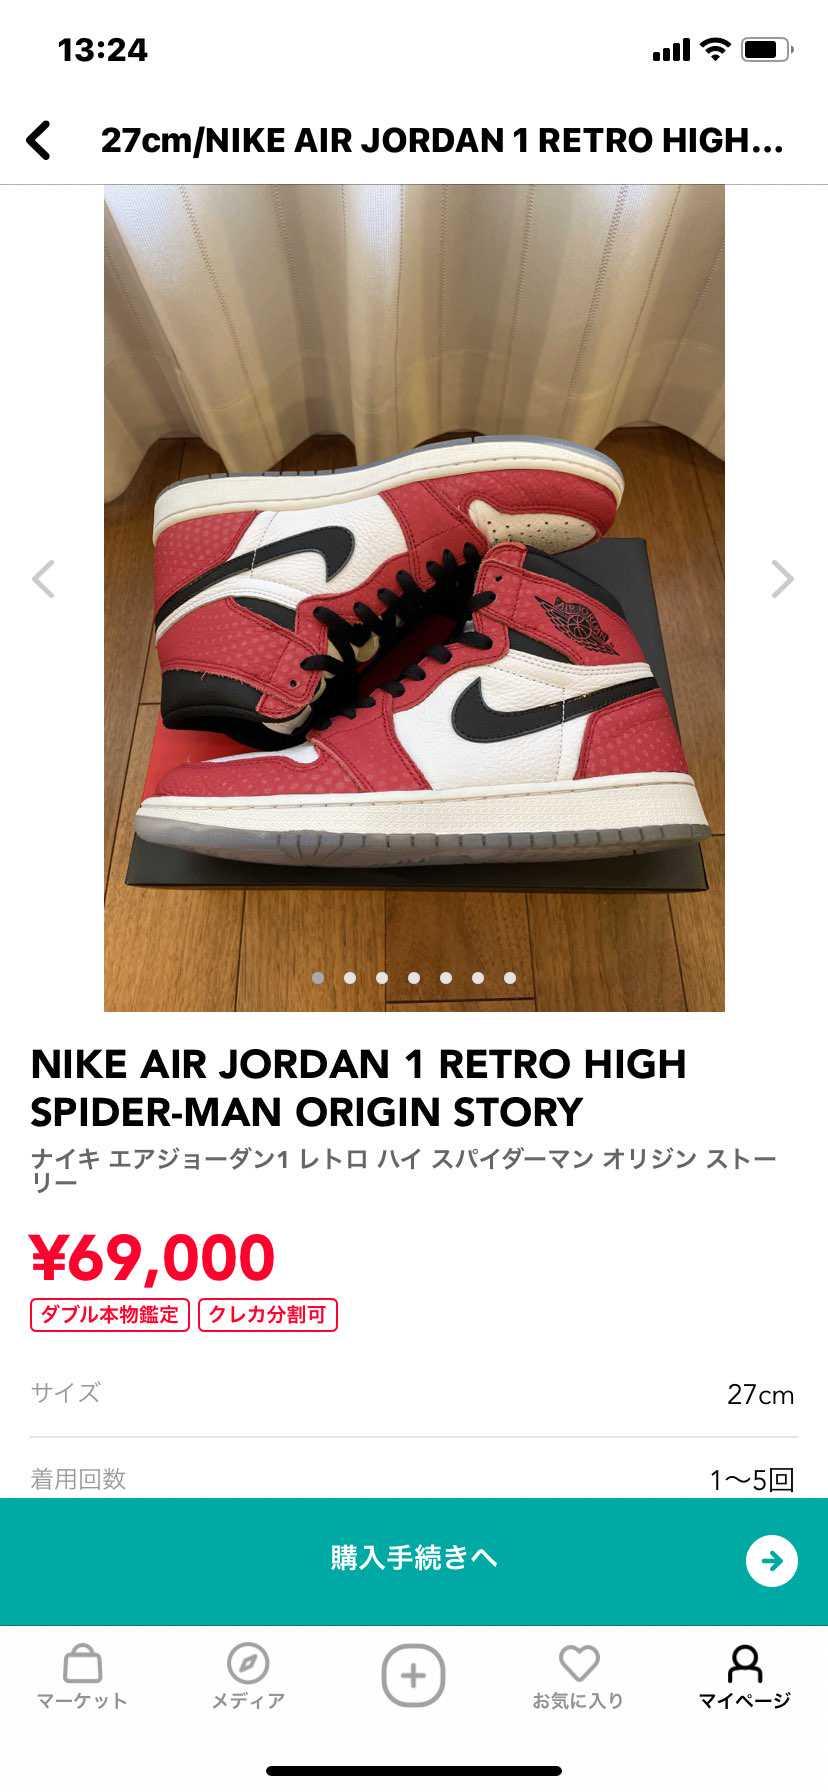 6万3000円にしていただけないでしょうか!